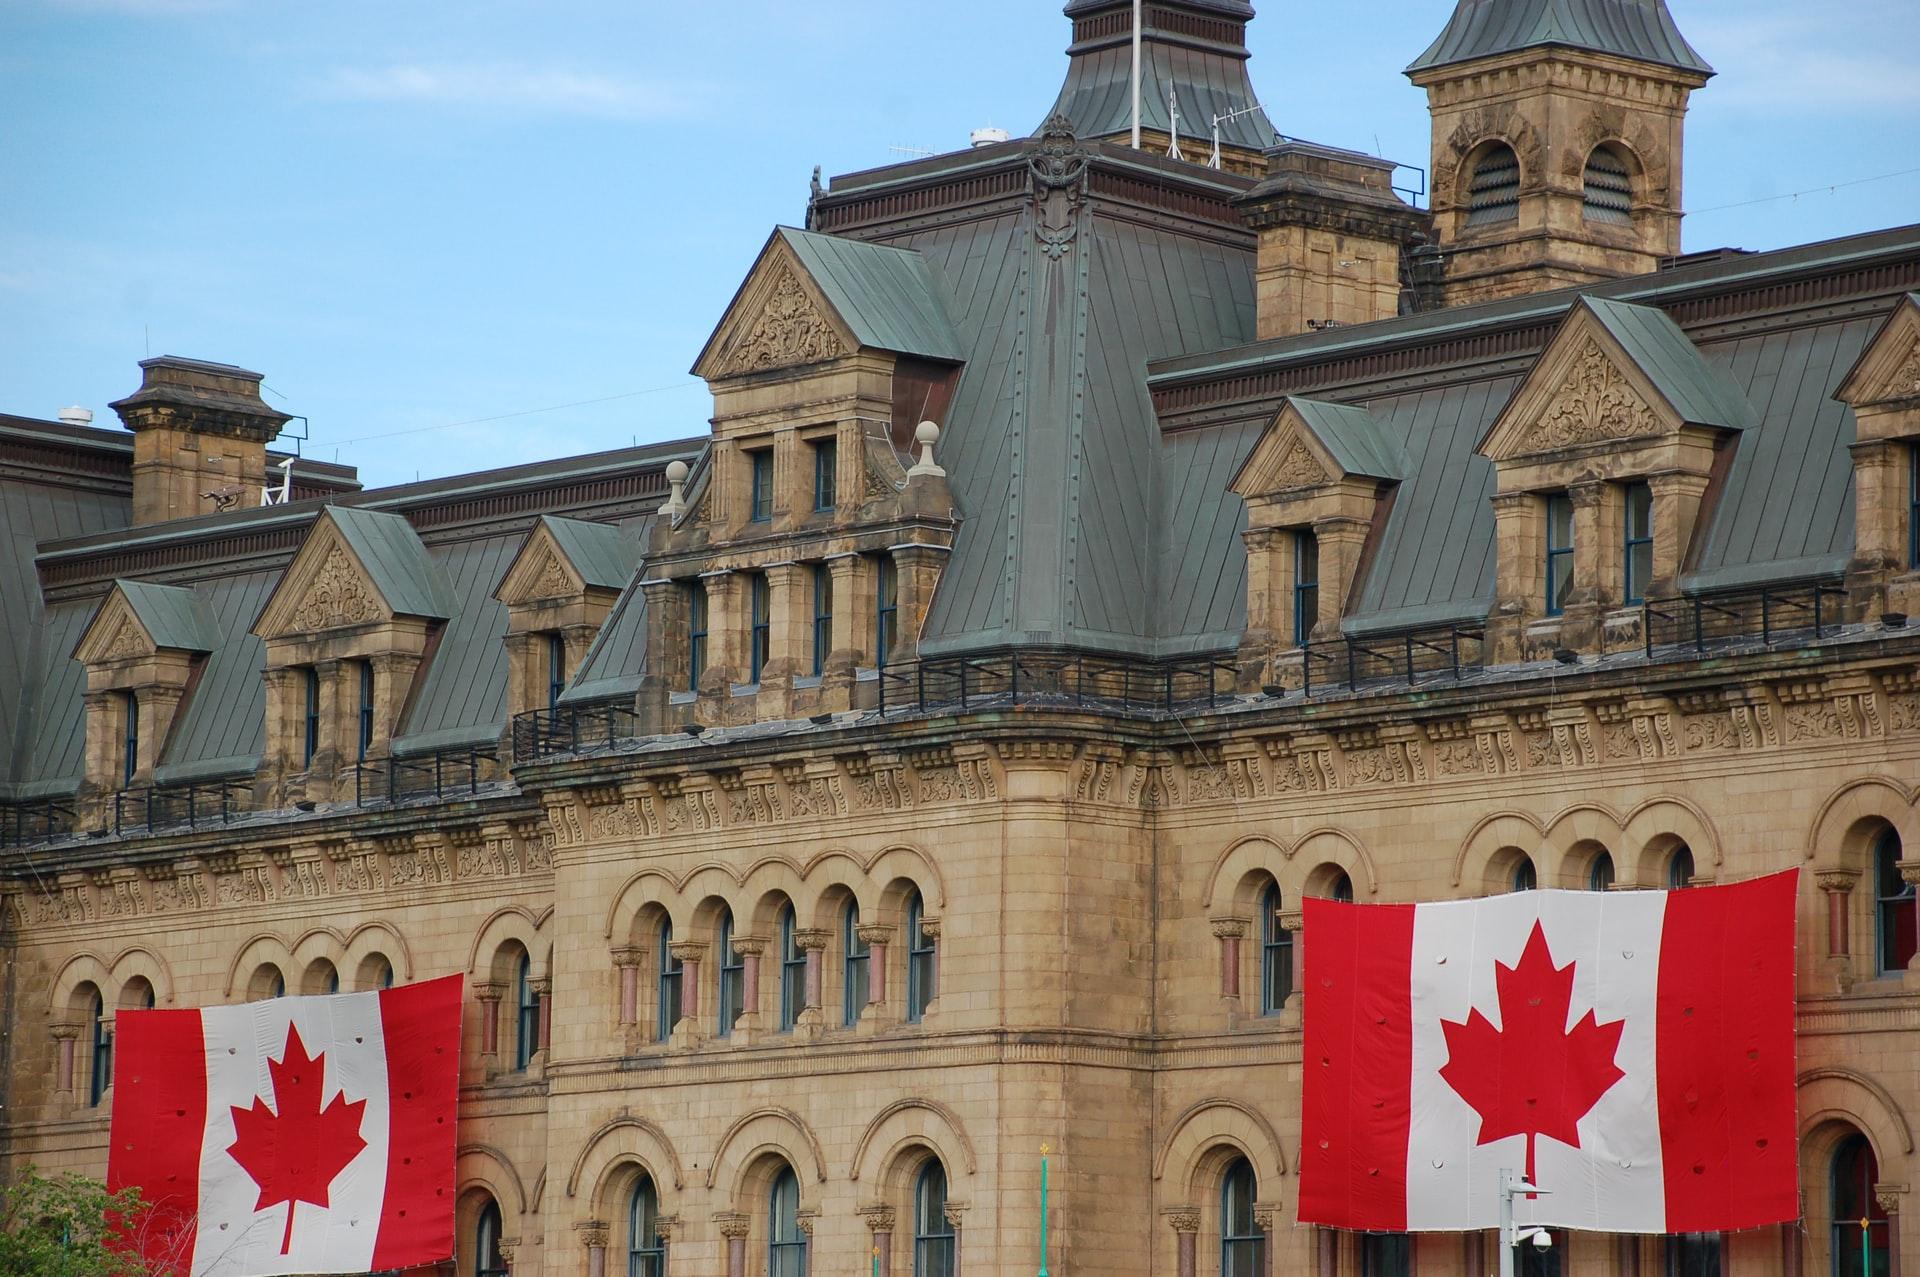 加拿大保守党呼吁调查特鲁多政府,指其对疫情毫无准备,反应混乱